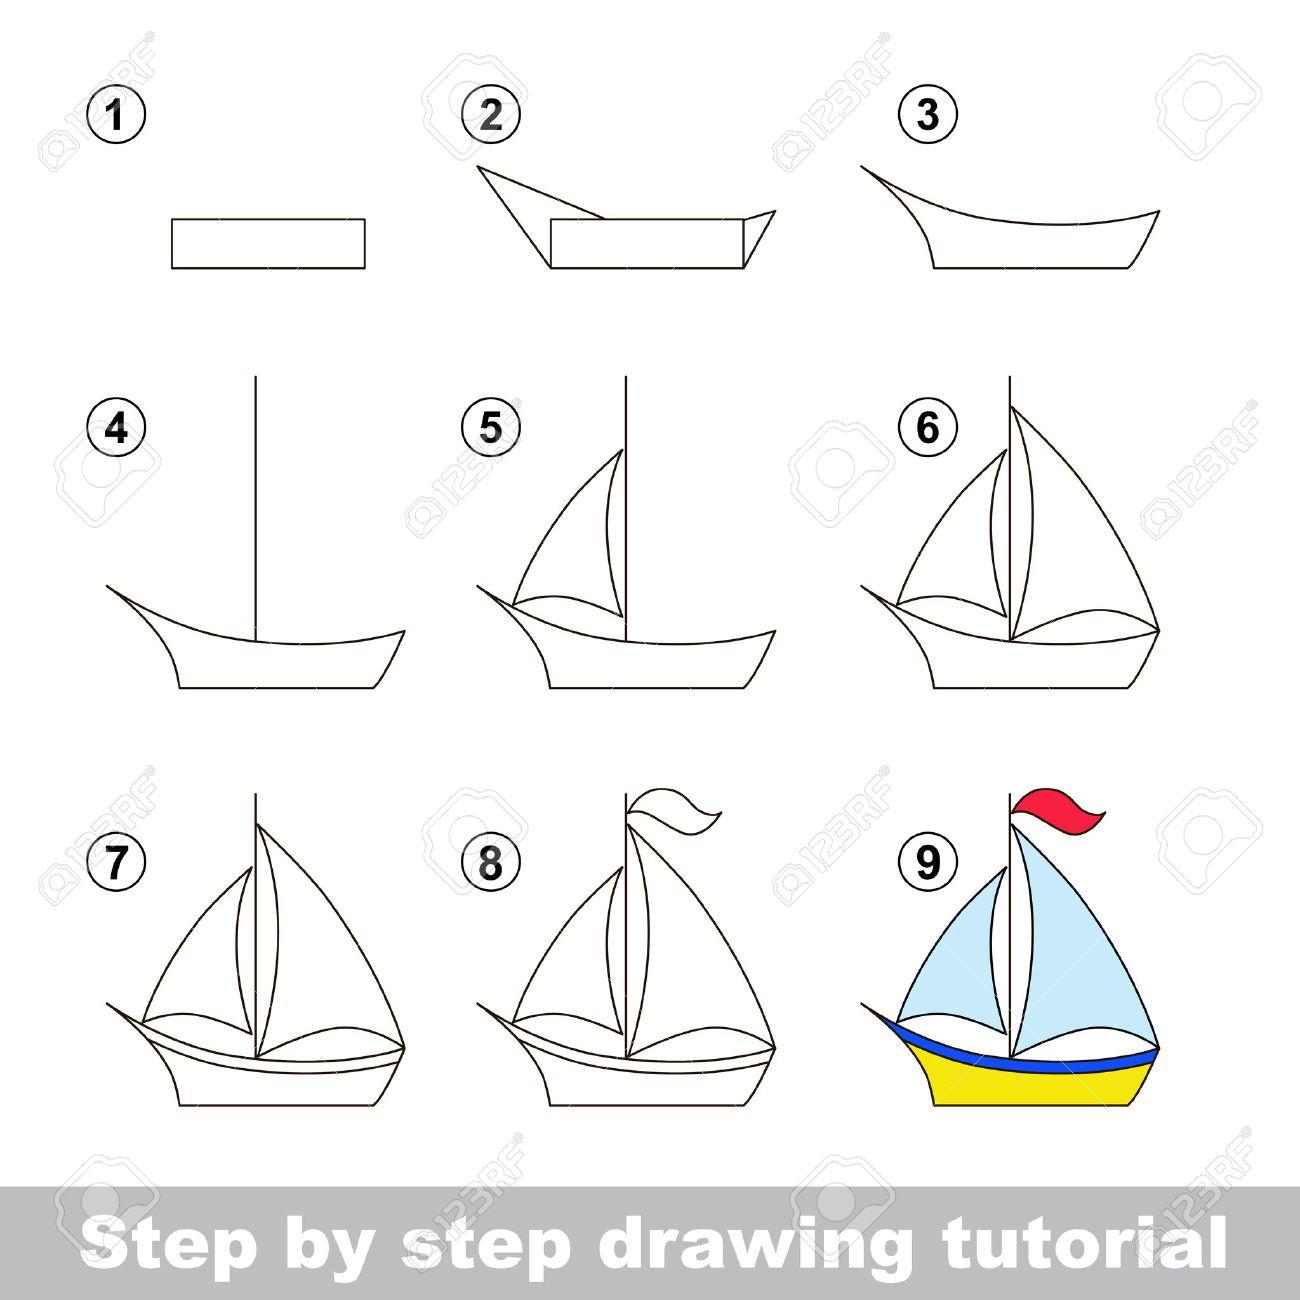 Paso A Paso Tutorial De Dibujo Juego Visual Para Los Niños Cómo Dibujar Un Barco Ilustraciones Vectoriales Clip Art Vectorizado Libre De Derechos Image 51115769